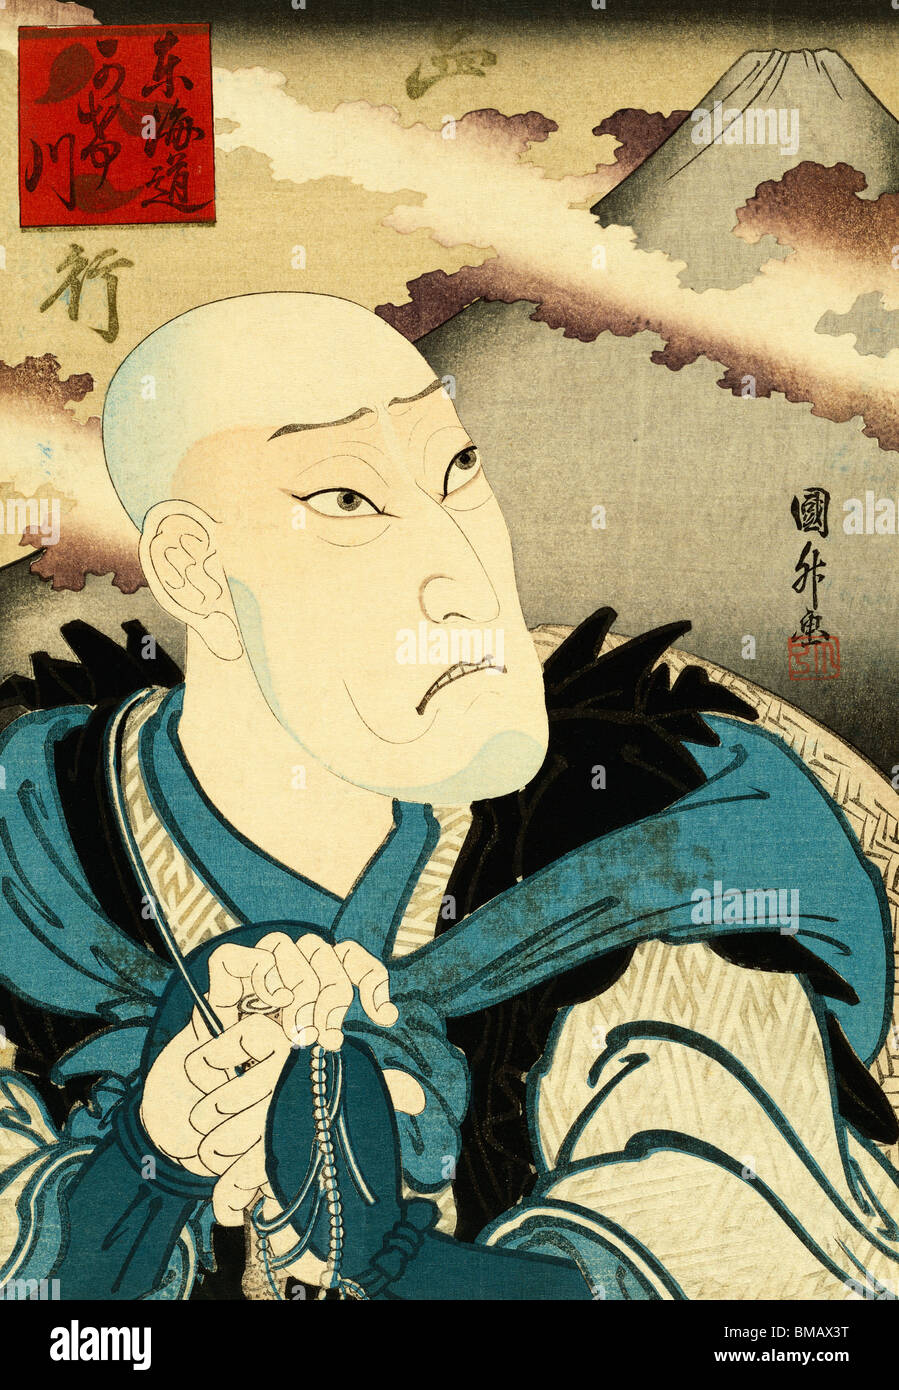 Le prêtre comme acteur, Saigyottoshi par Utagawa Kunimasa. Le Japon, 20e siècle Photo Stock